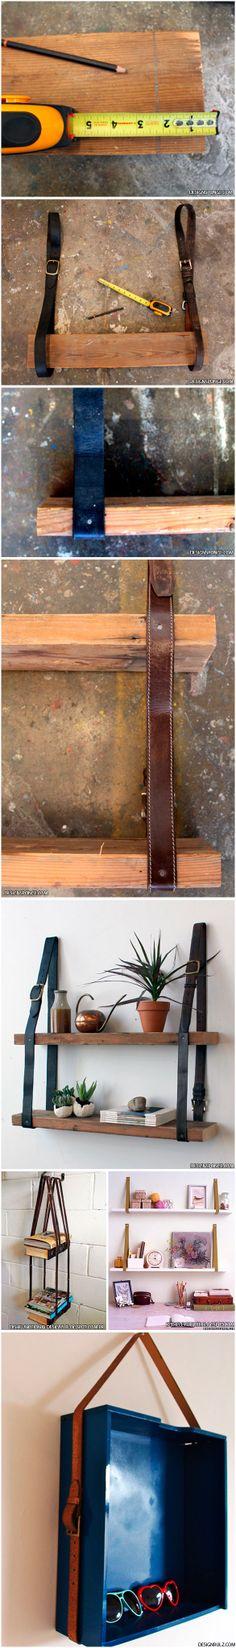 Cintos - prateleiras - gavetas - nichos